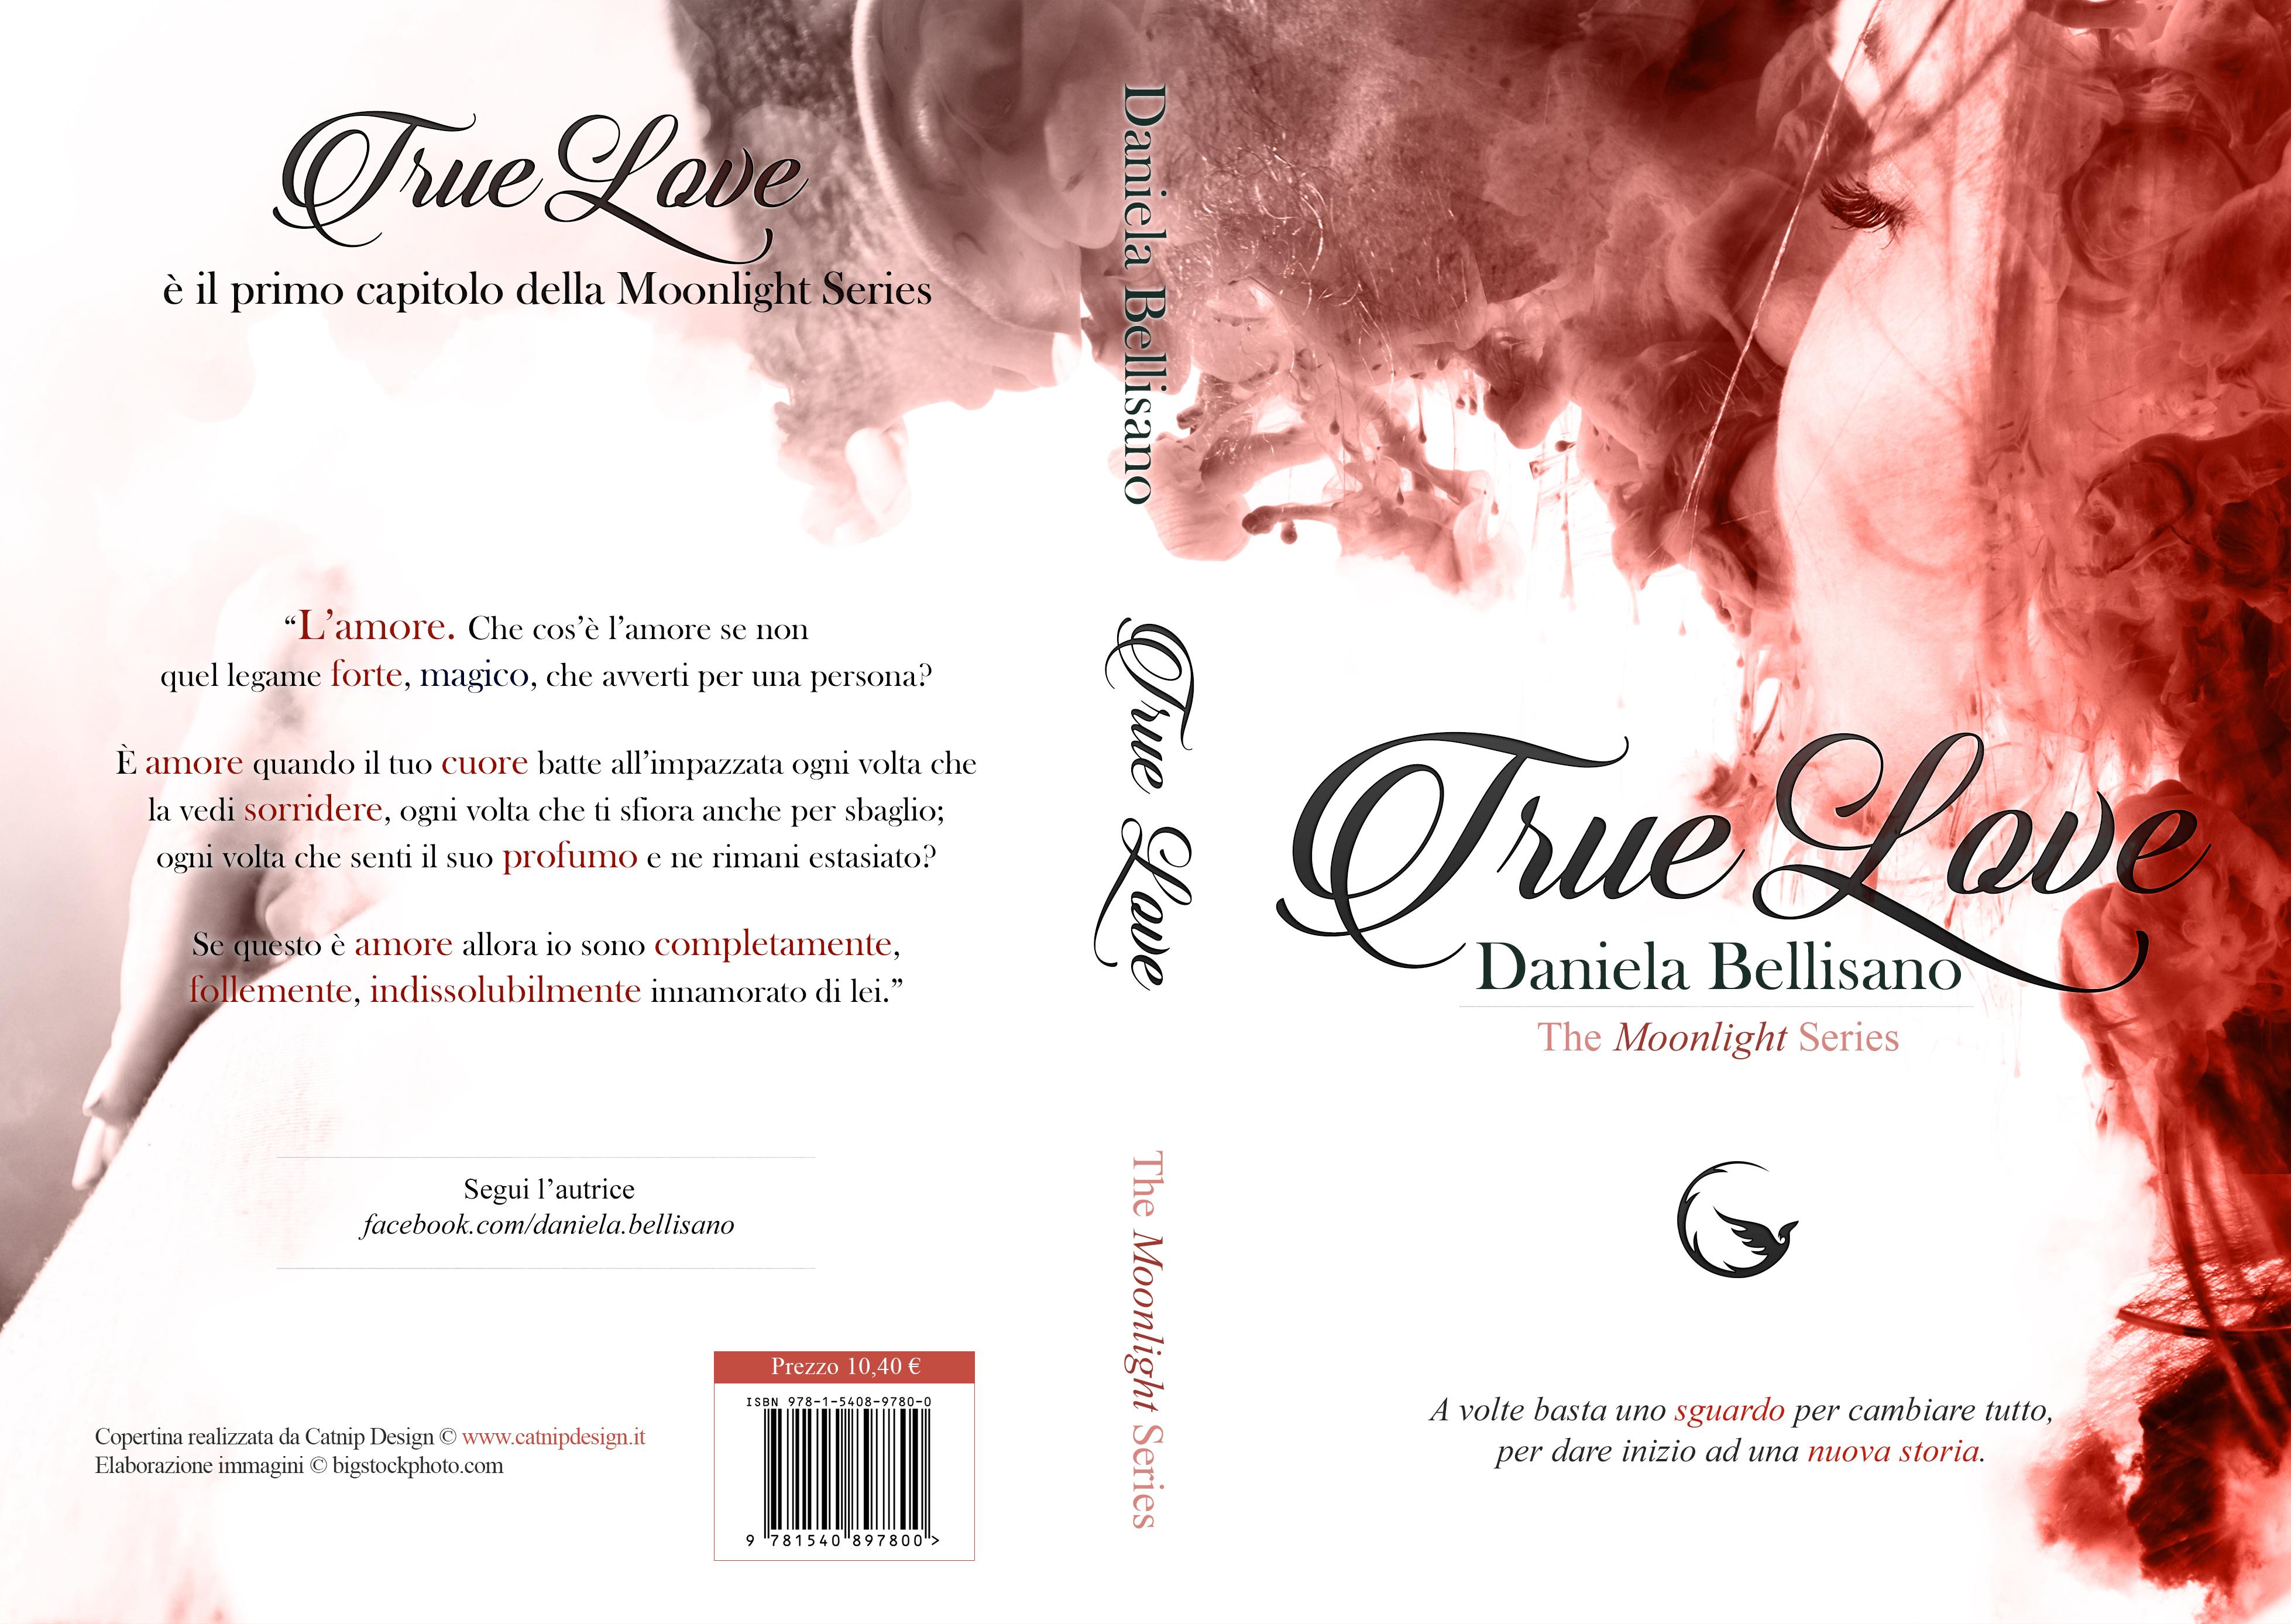 True Love, Daniela Bellisano